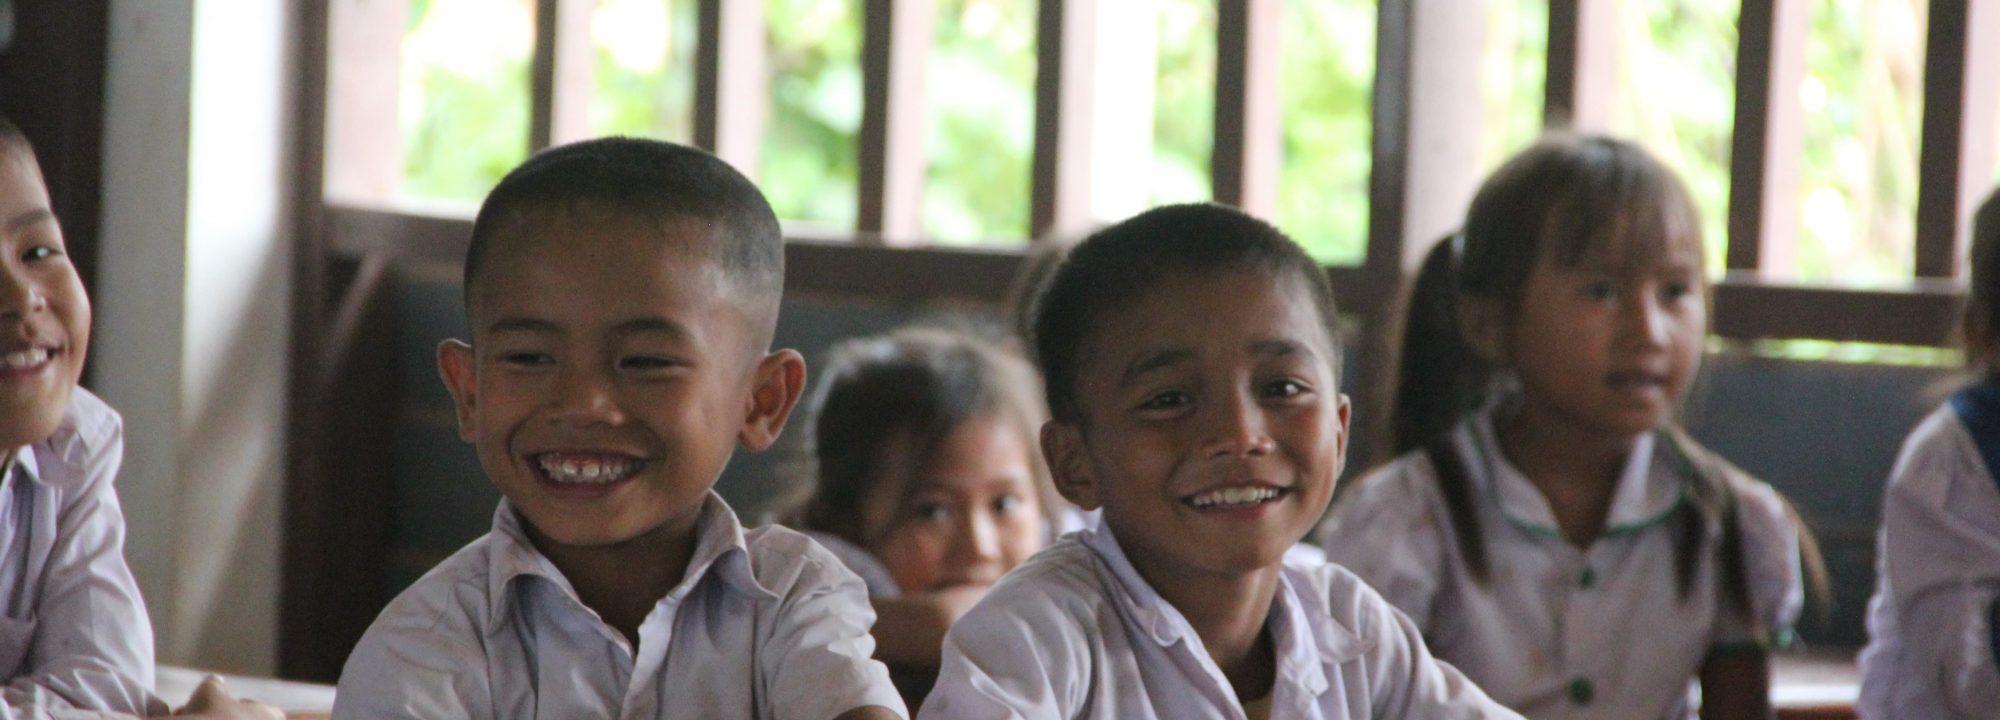 Bénévolat Enfants d'Asie